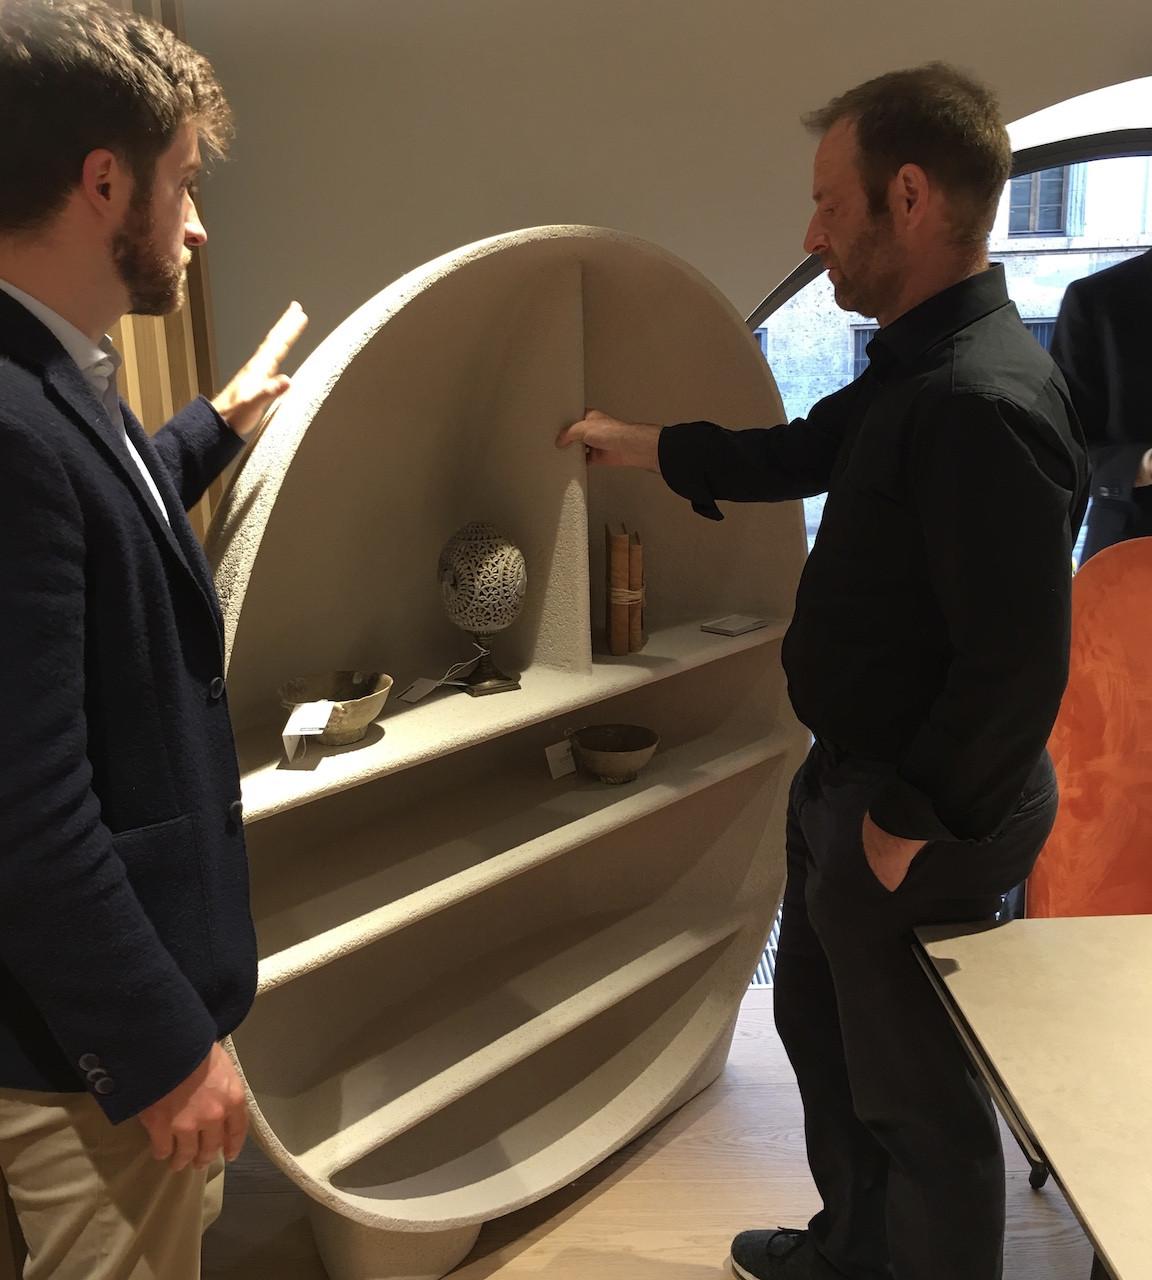 Florian Höfer untersucht das ungewöhnliche Material aus dem das runde Regal Primordial gefertigt ist